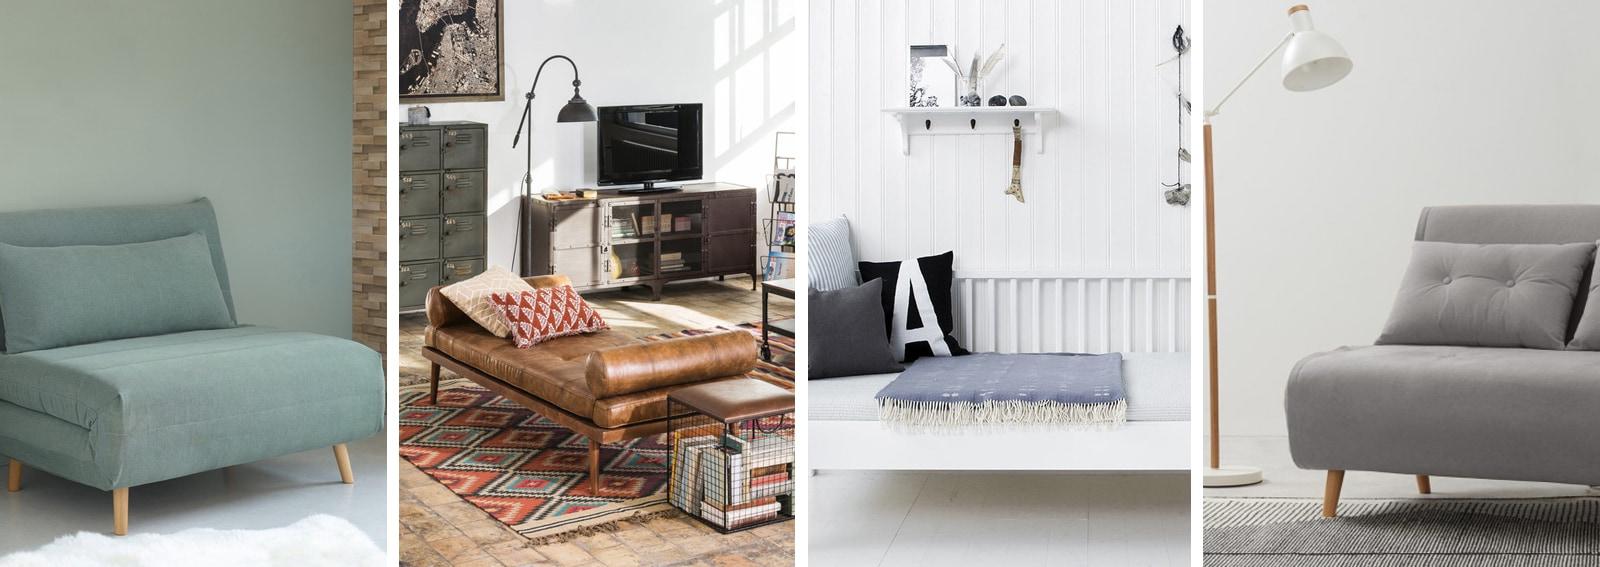 cover-divano-letto-piccoli-desktop